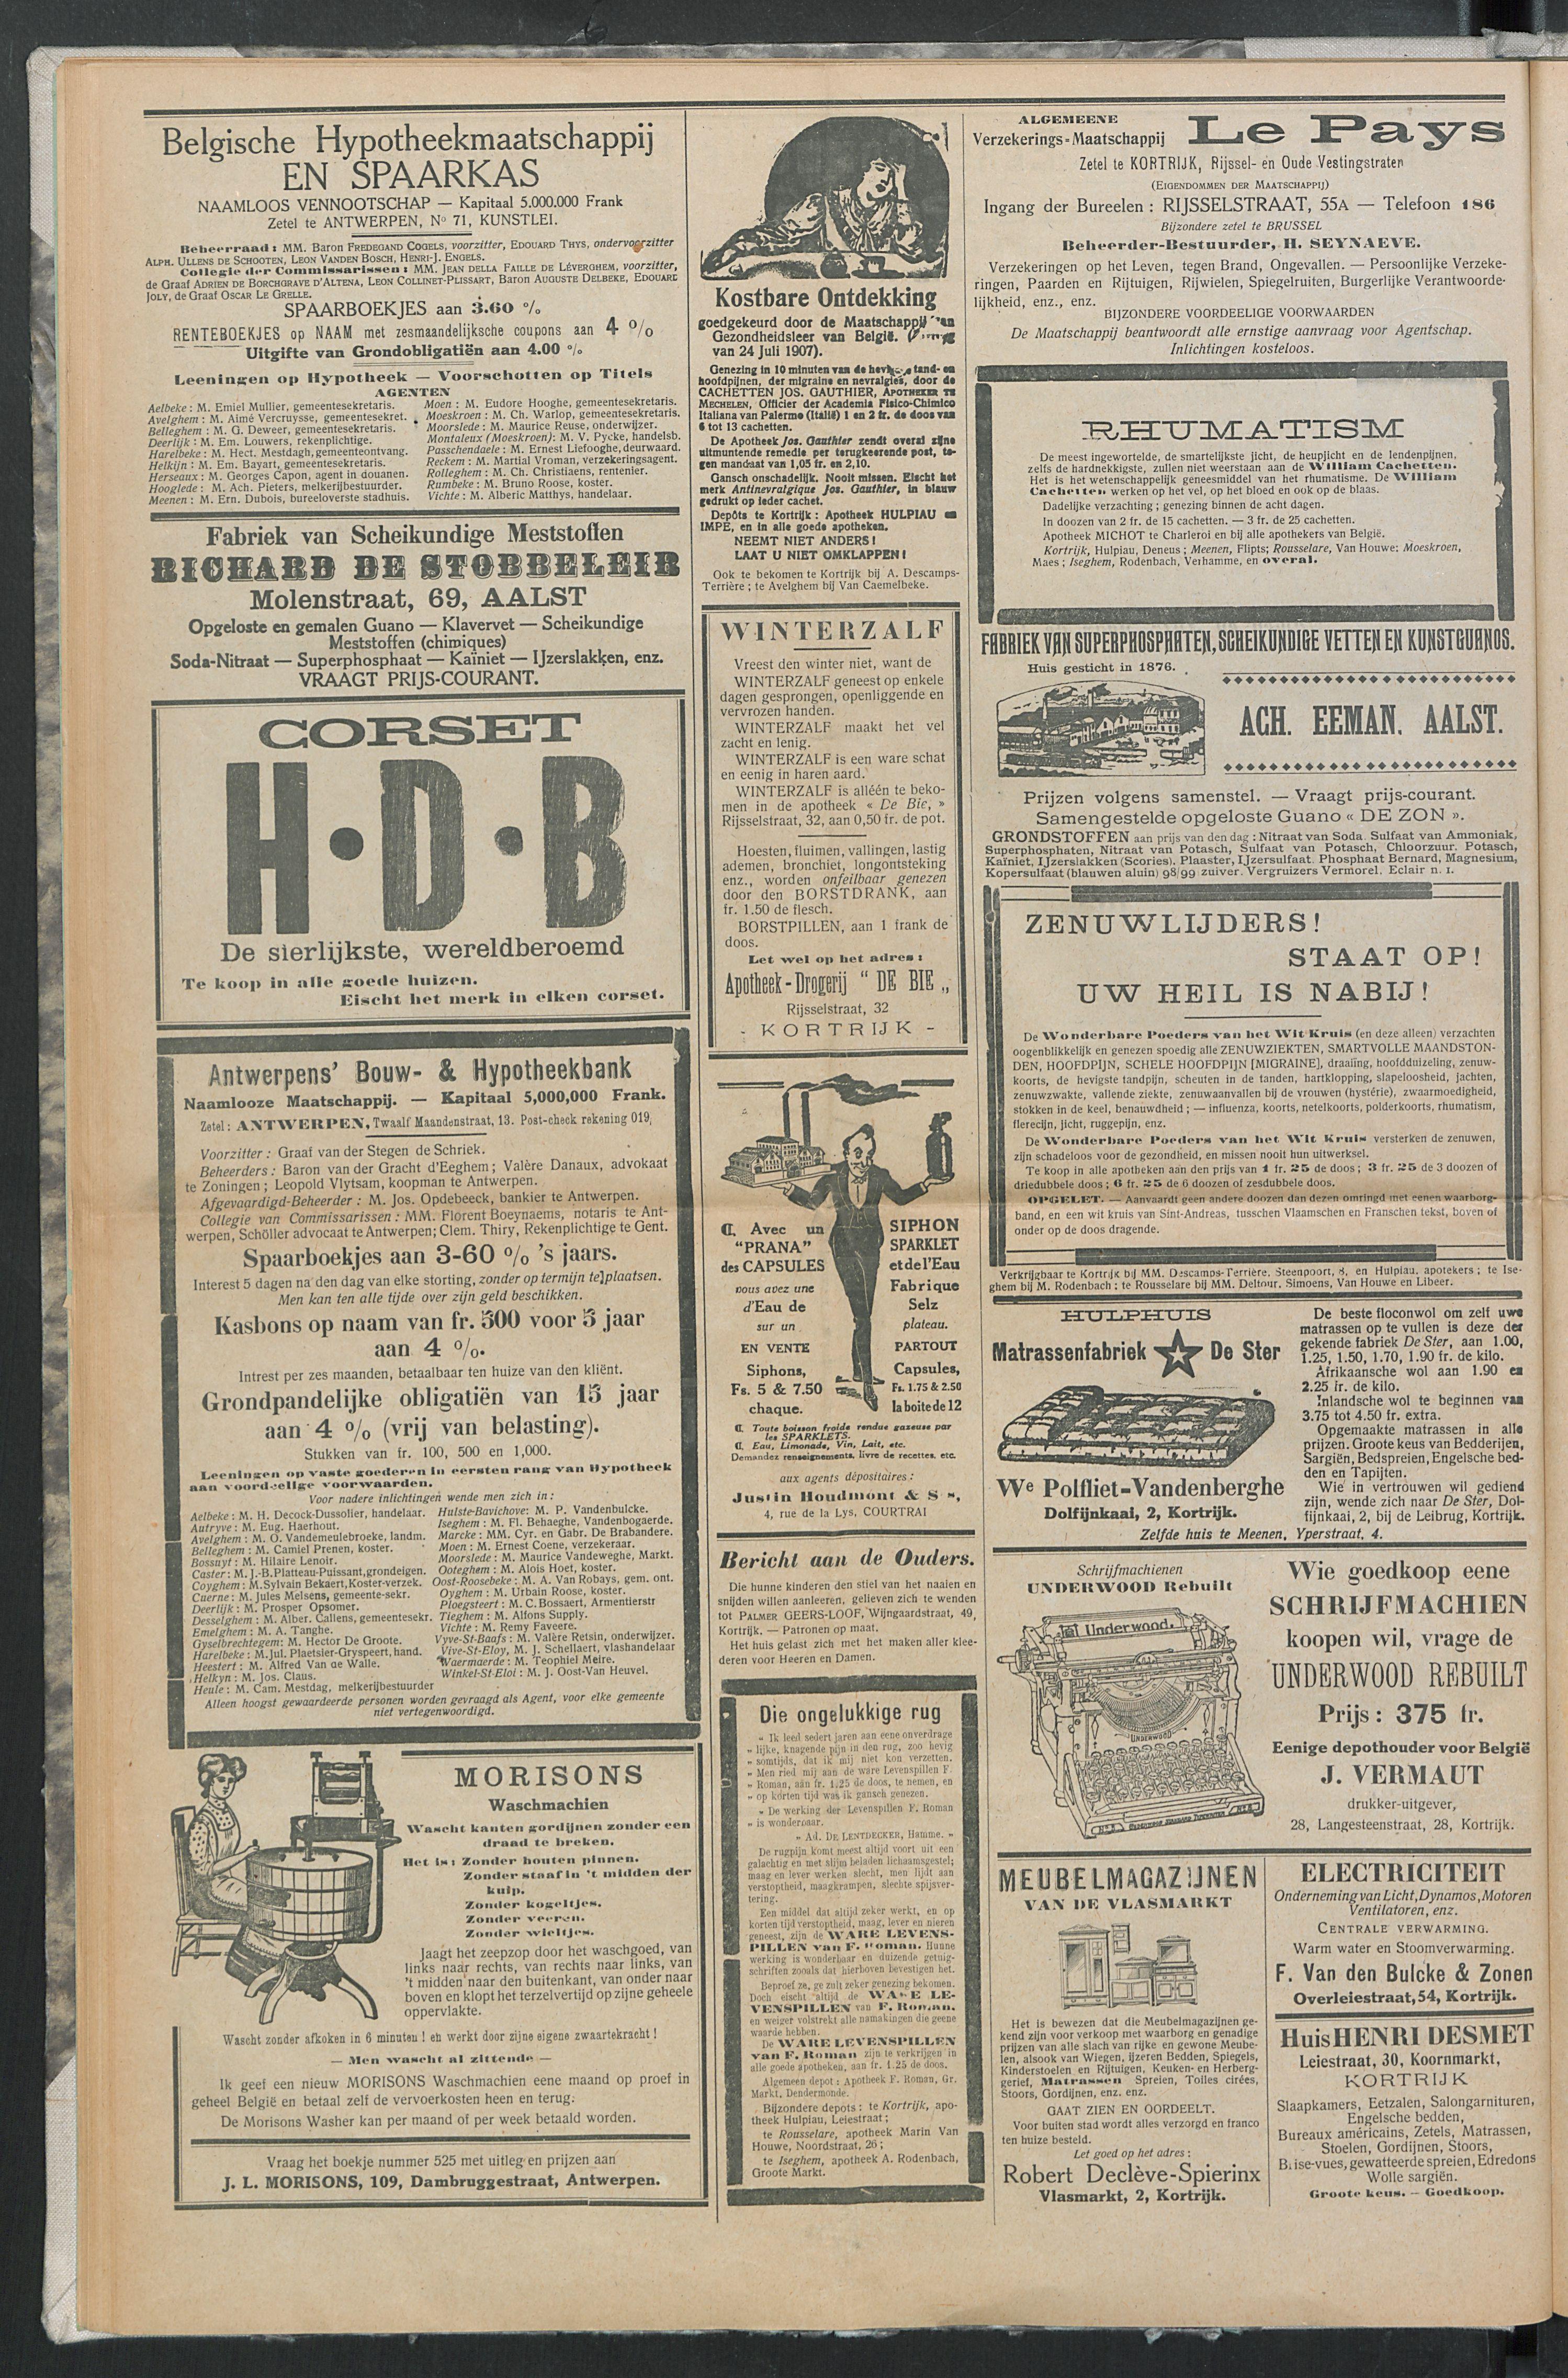 Het Kortrijksche Volk 1914-03-08 p8